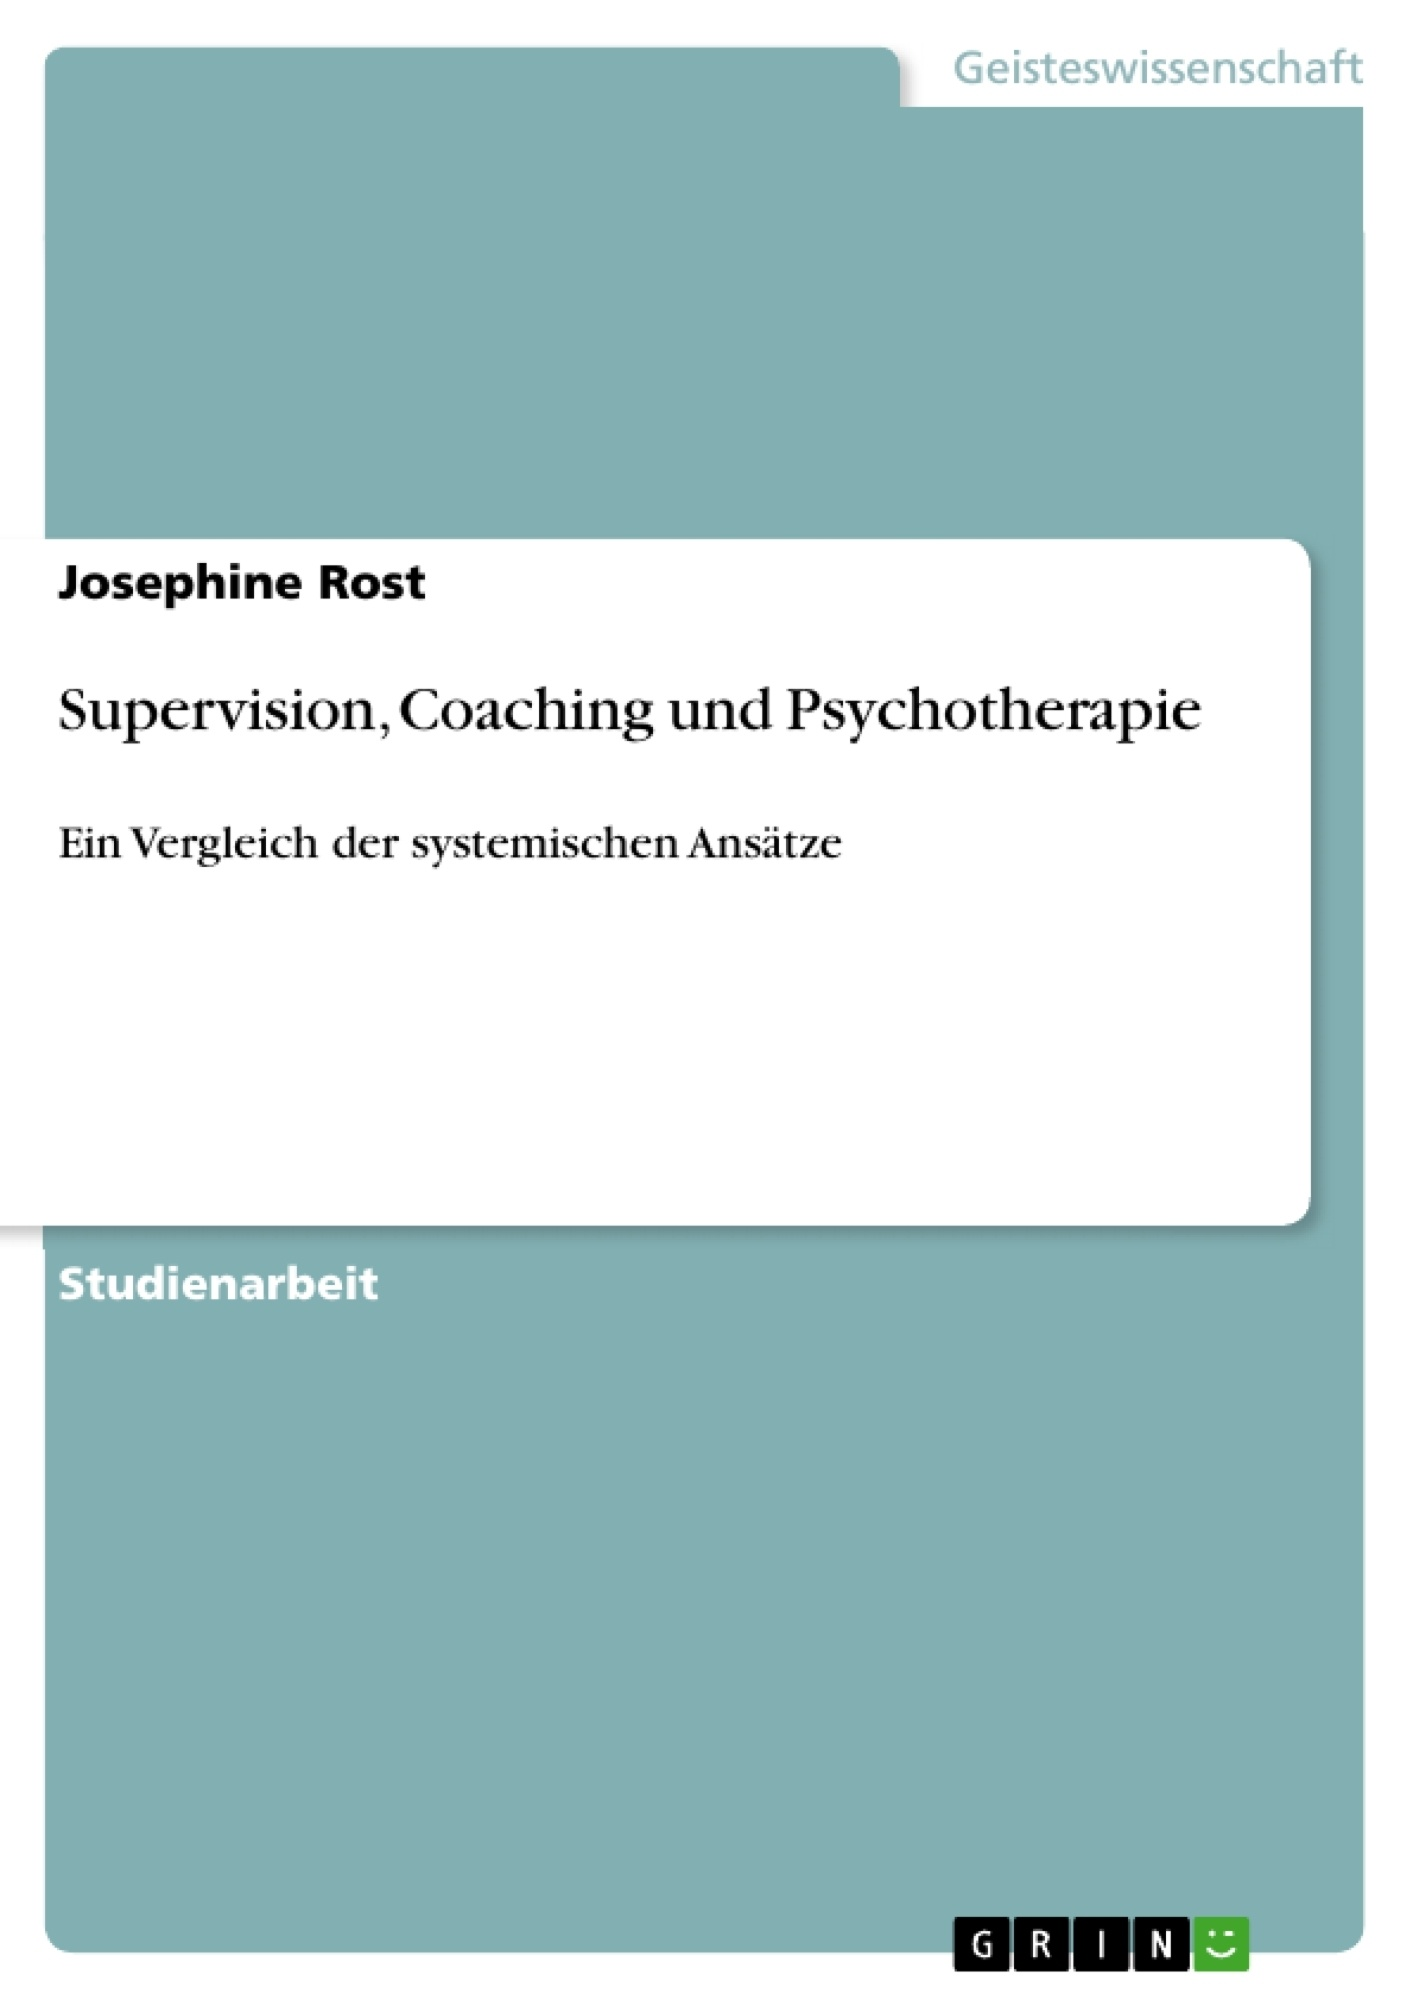 Titel: Supervision, Coaching und Psychotherapie